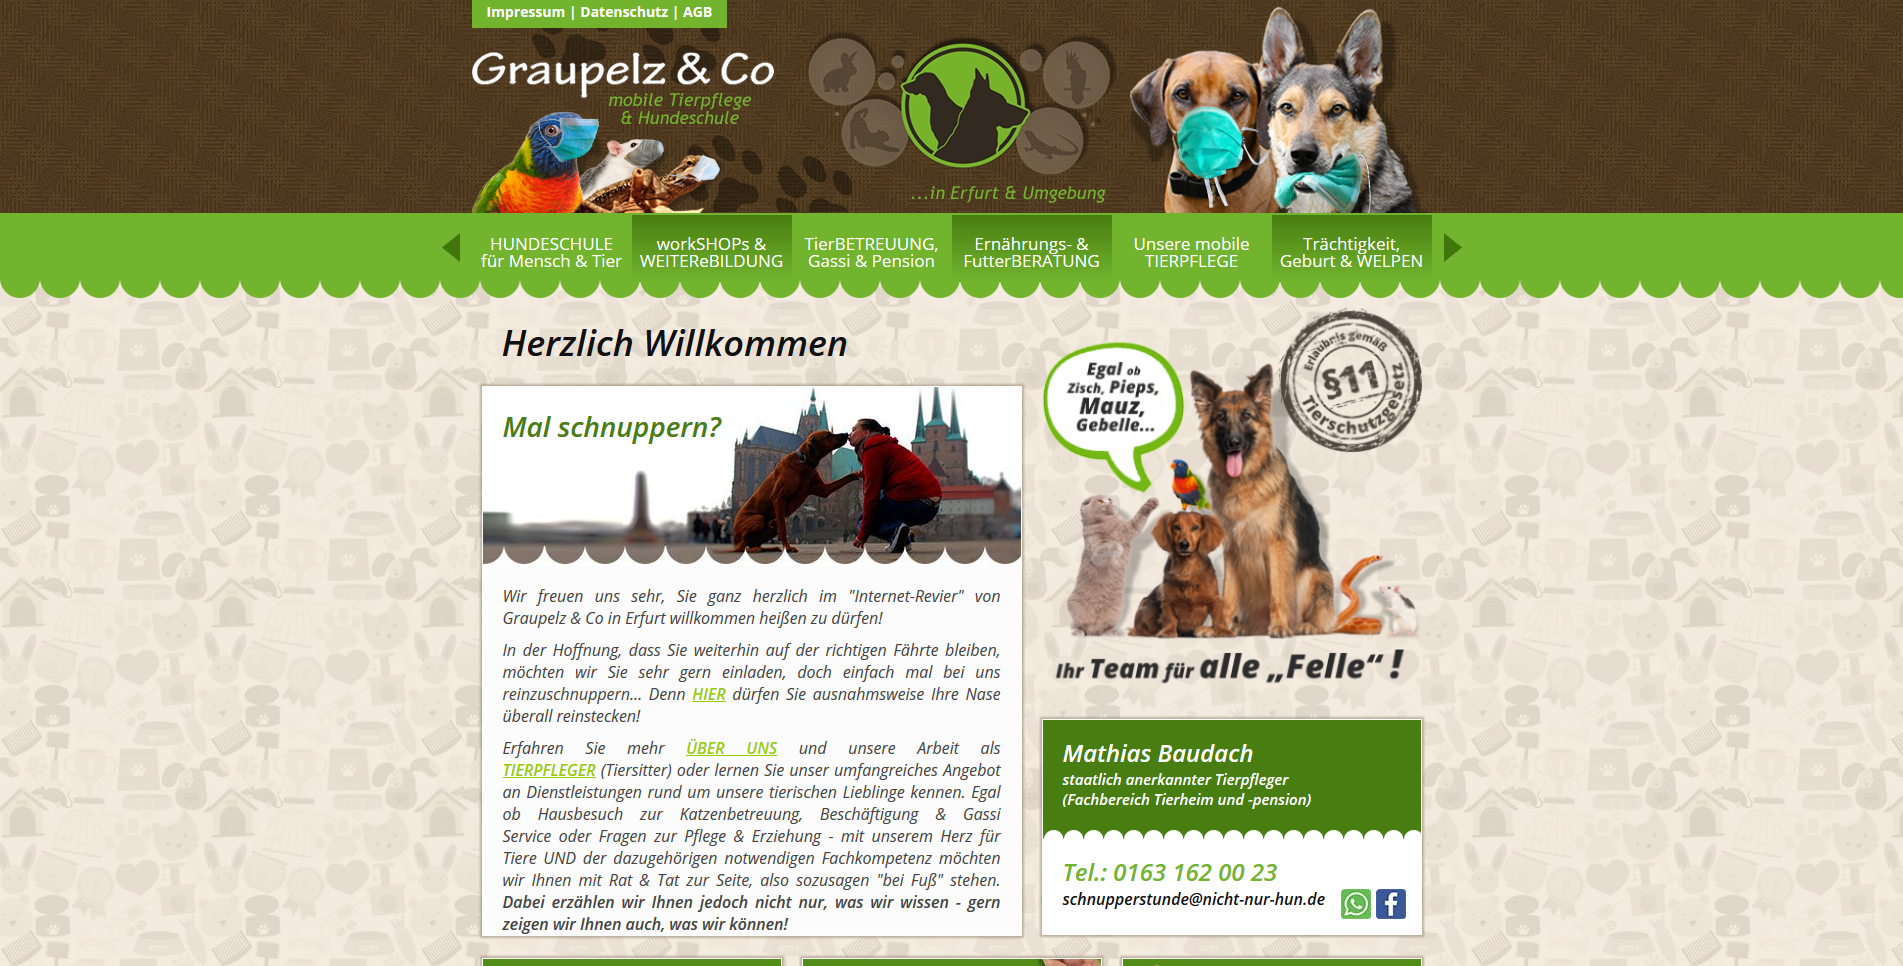 Graupelz & Co